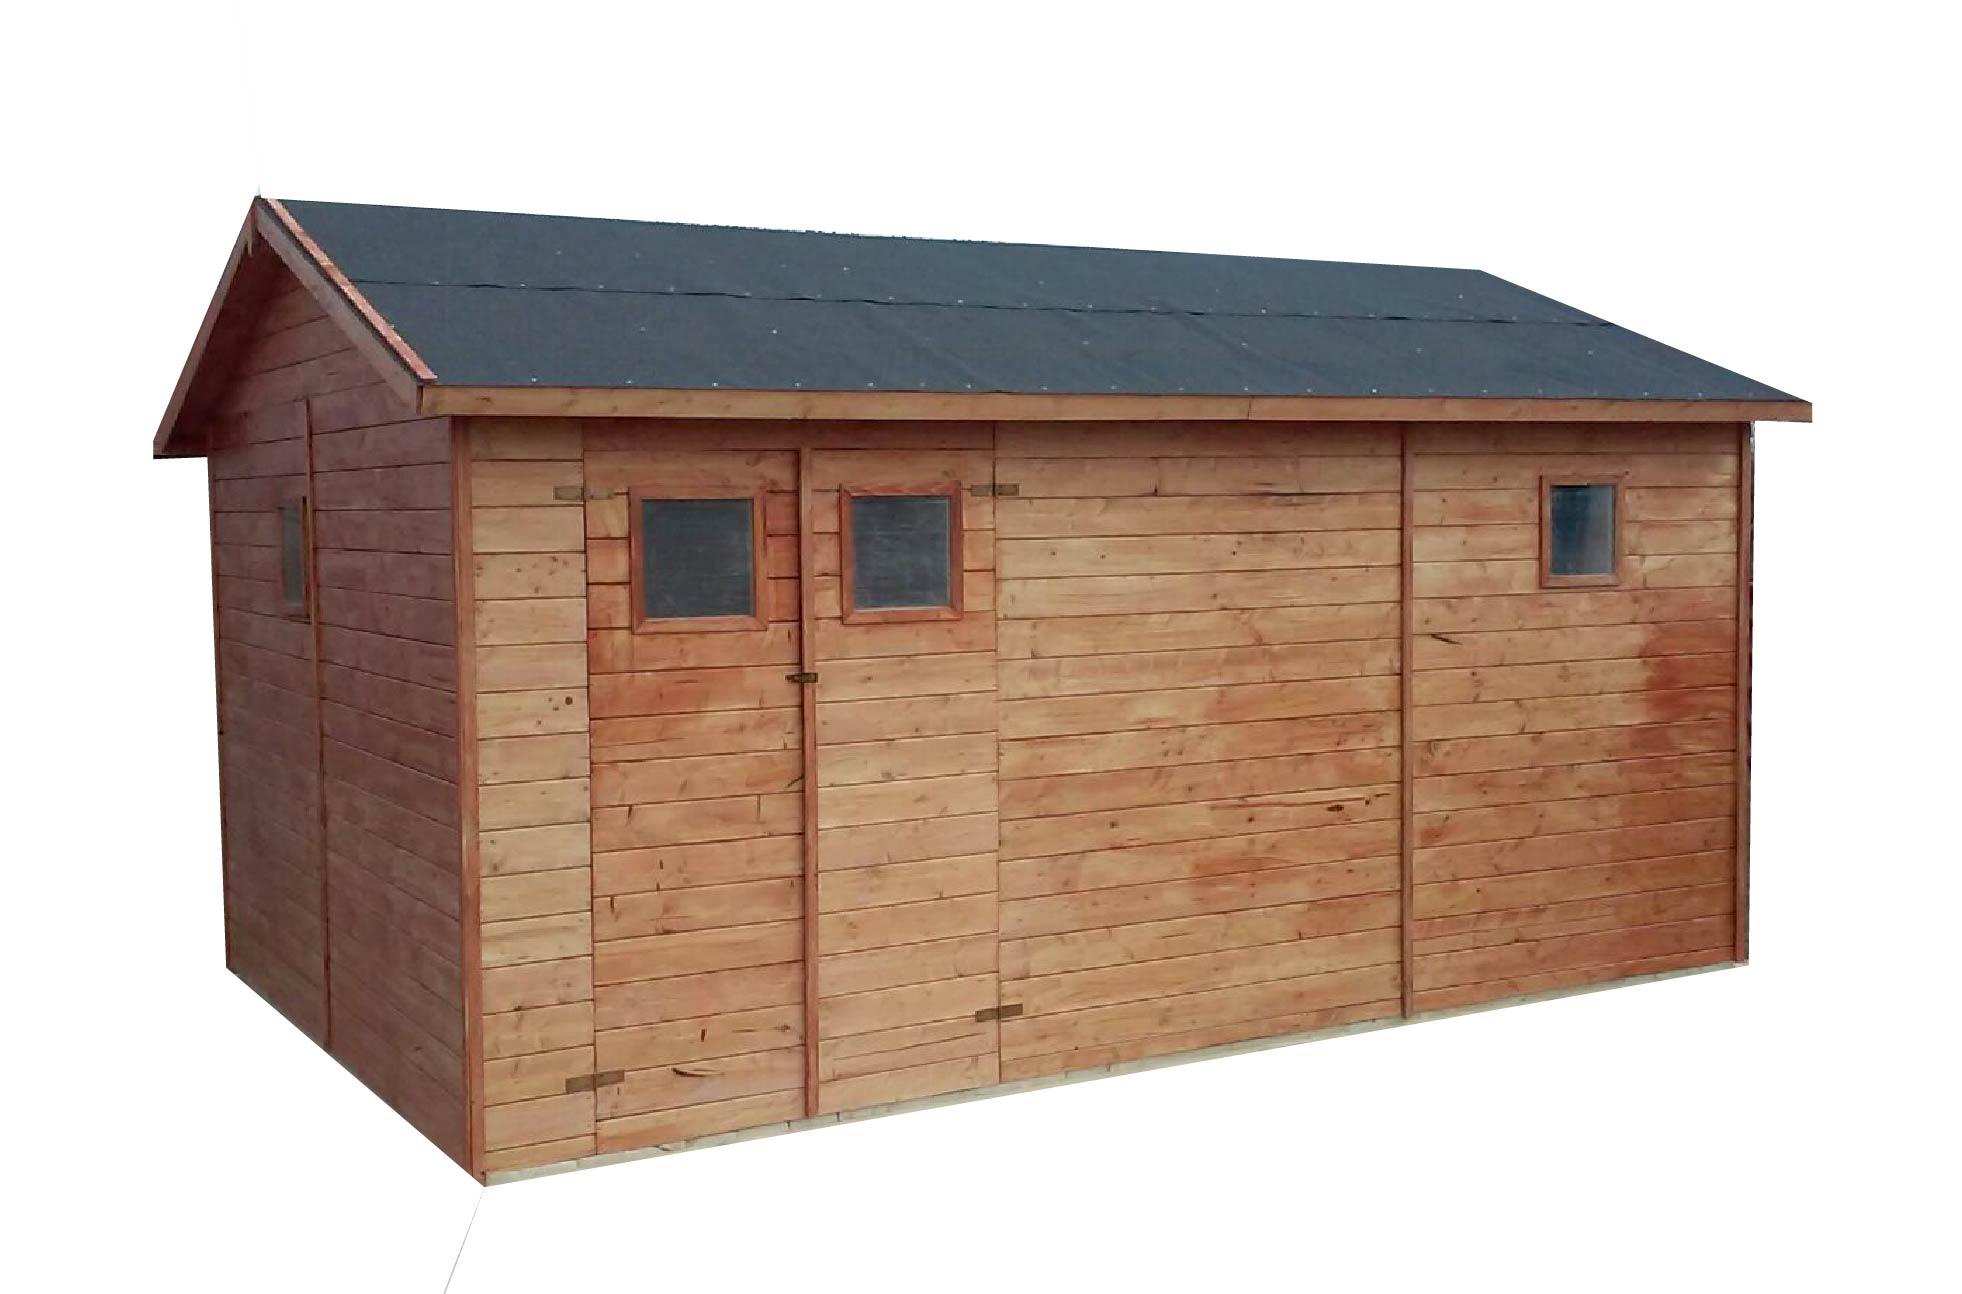 Zahradní dřevěný domek GANDIA (19mm), s okny, rozměr 3,3 x 4,8m, v.2,3m